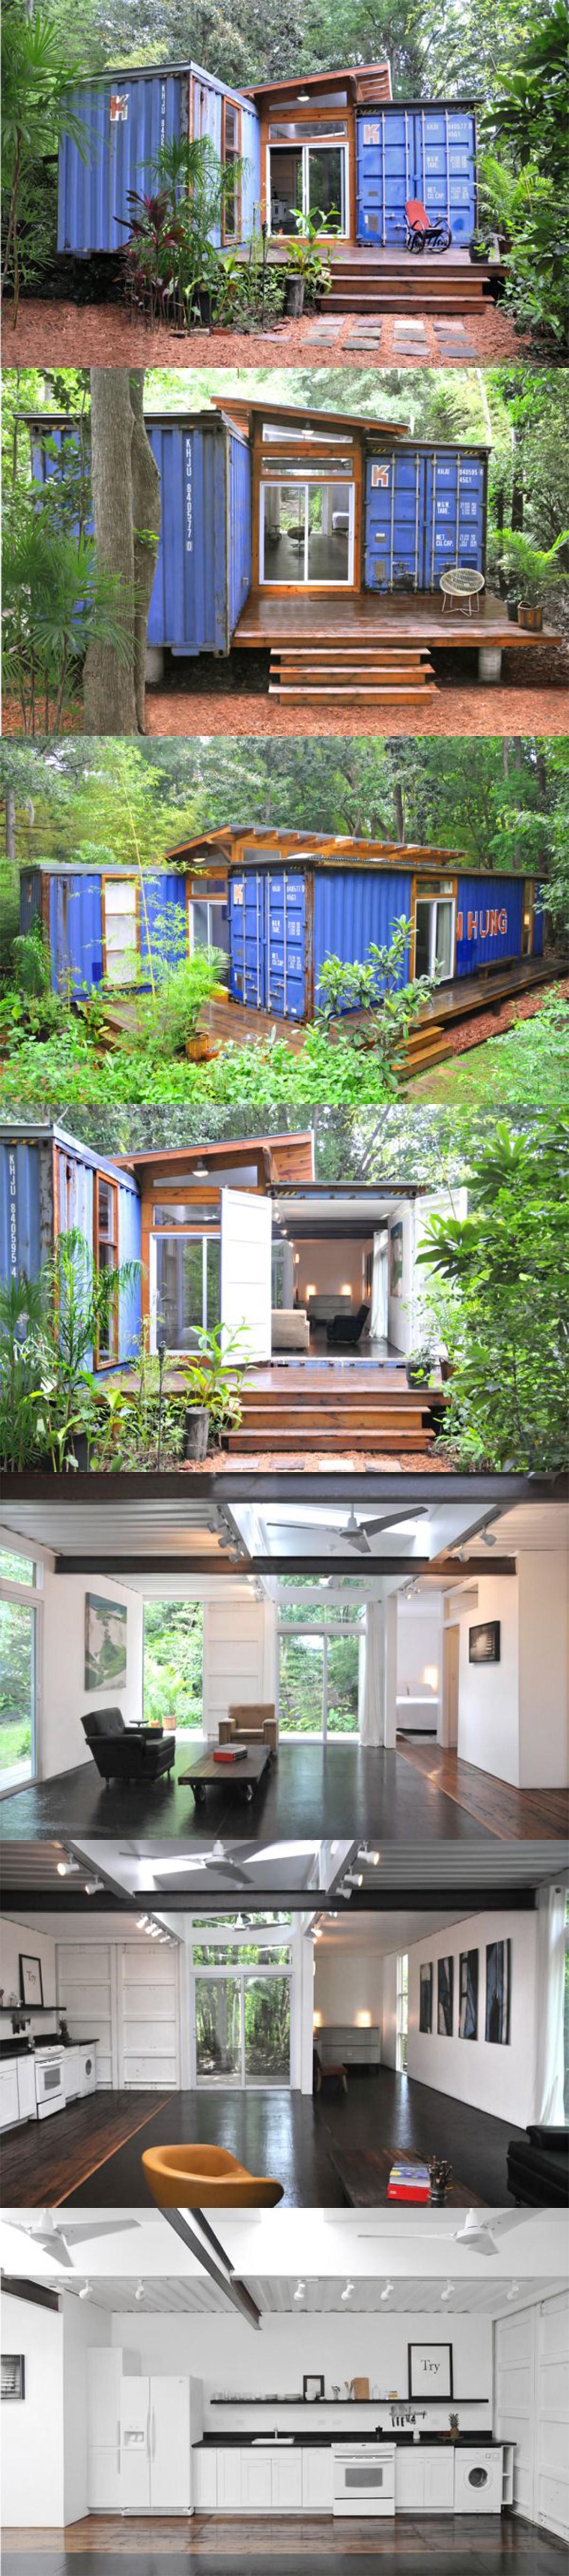 Container house une maison de week end plut t sympa avec 2 containers et quelques baies - Maison container ...